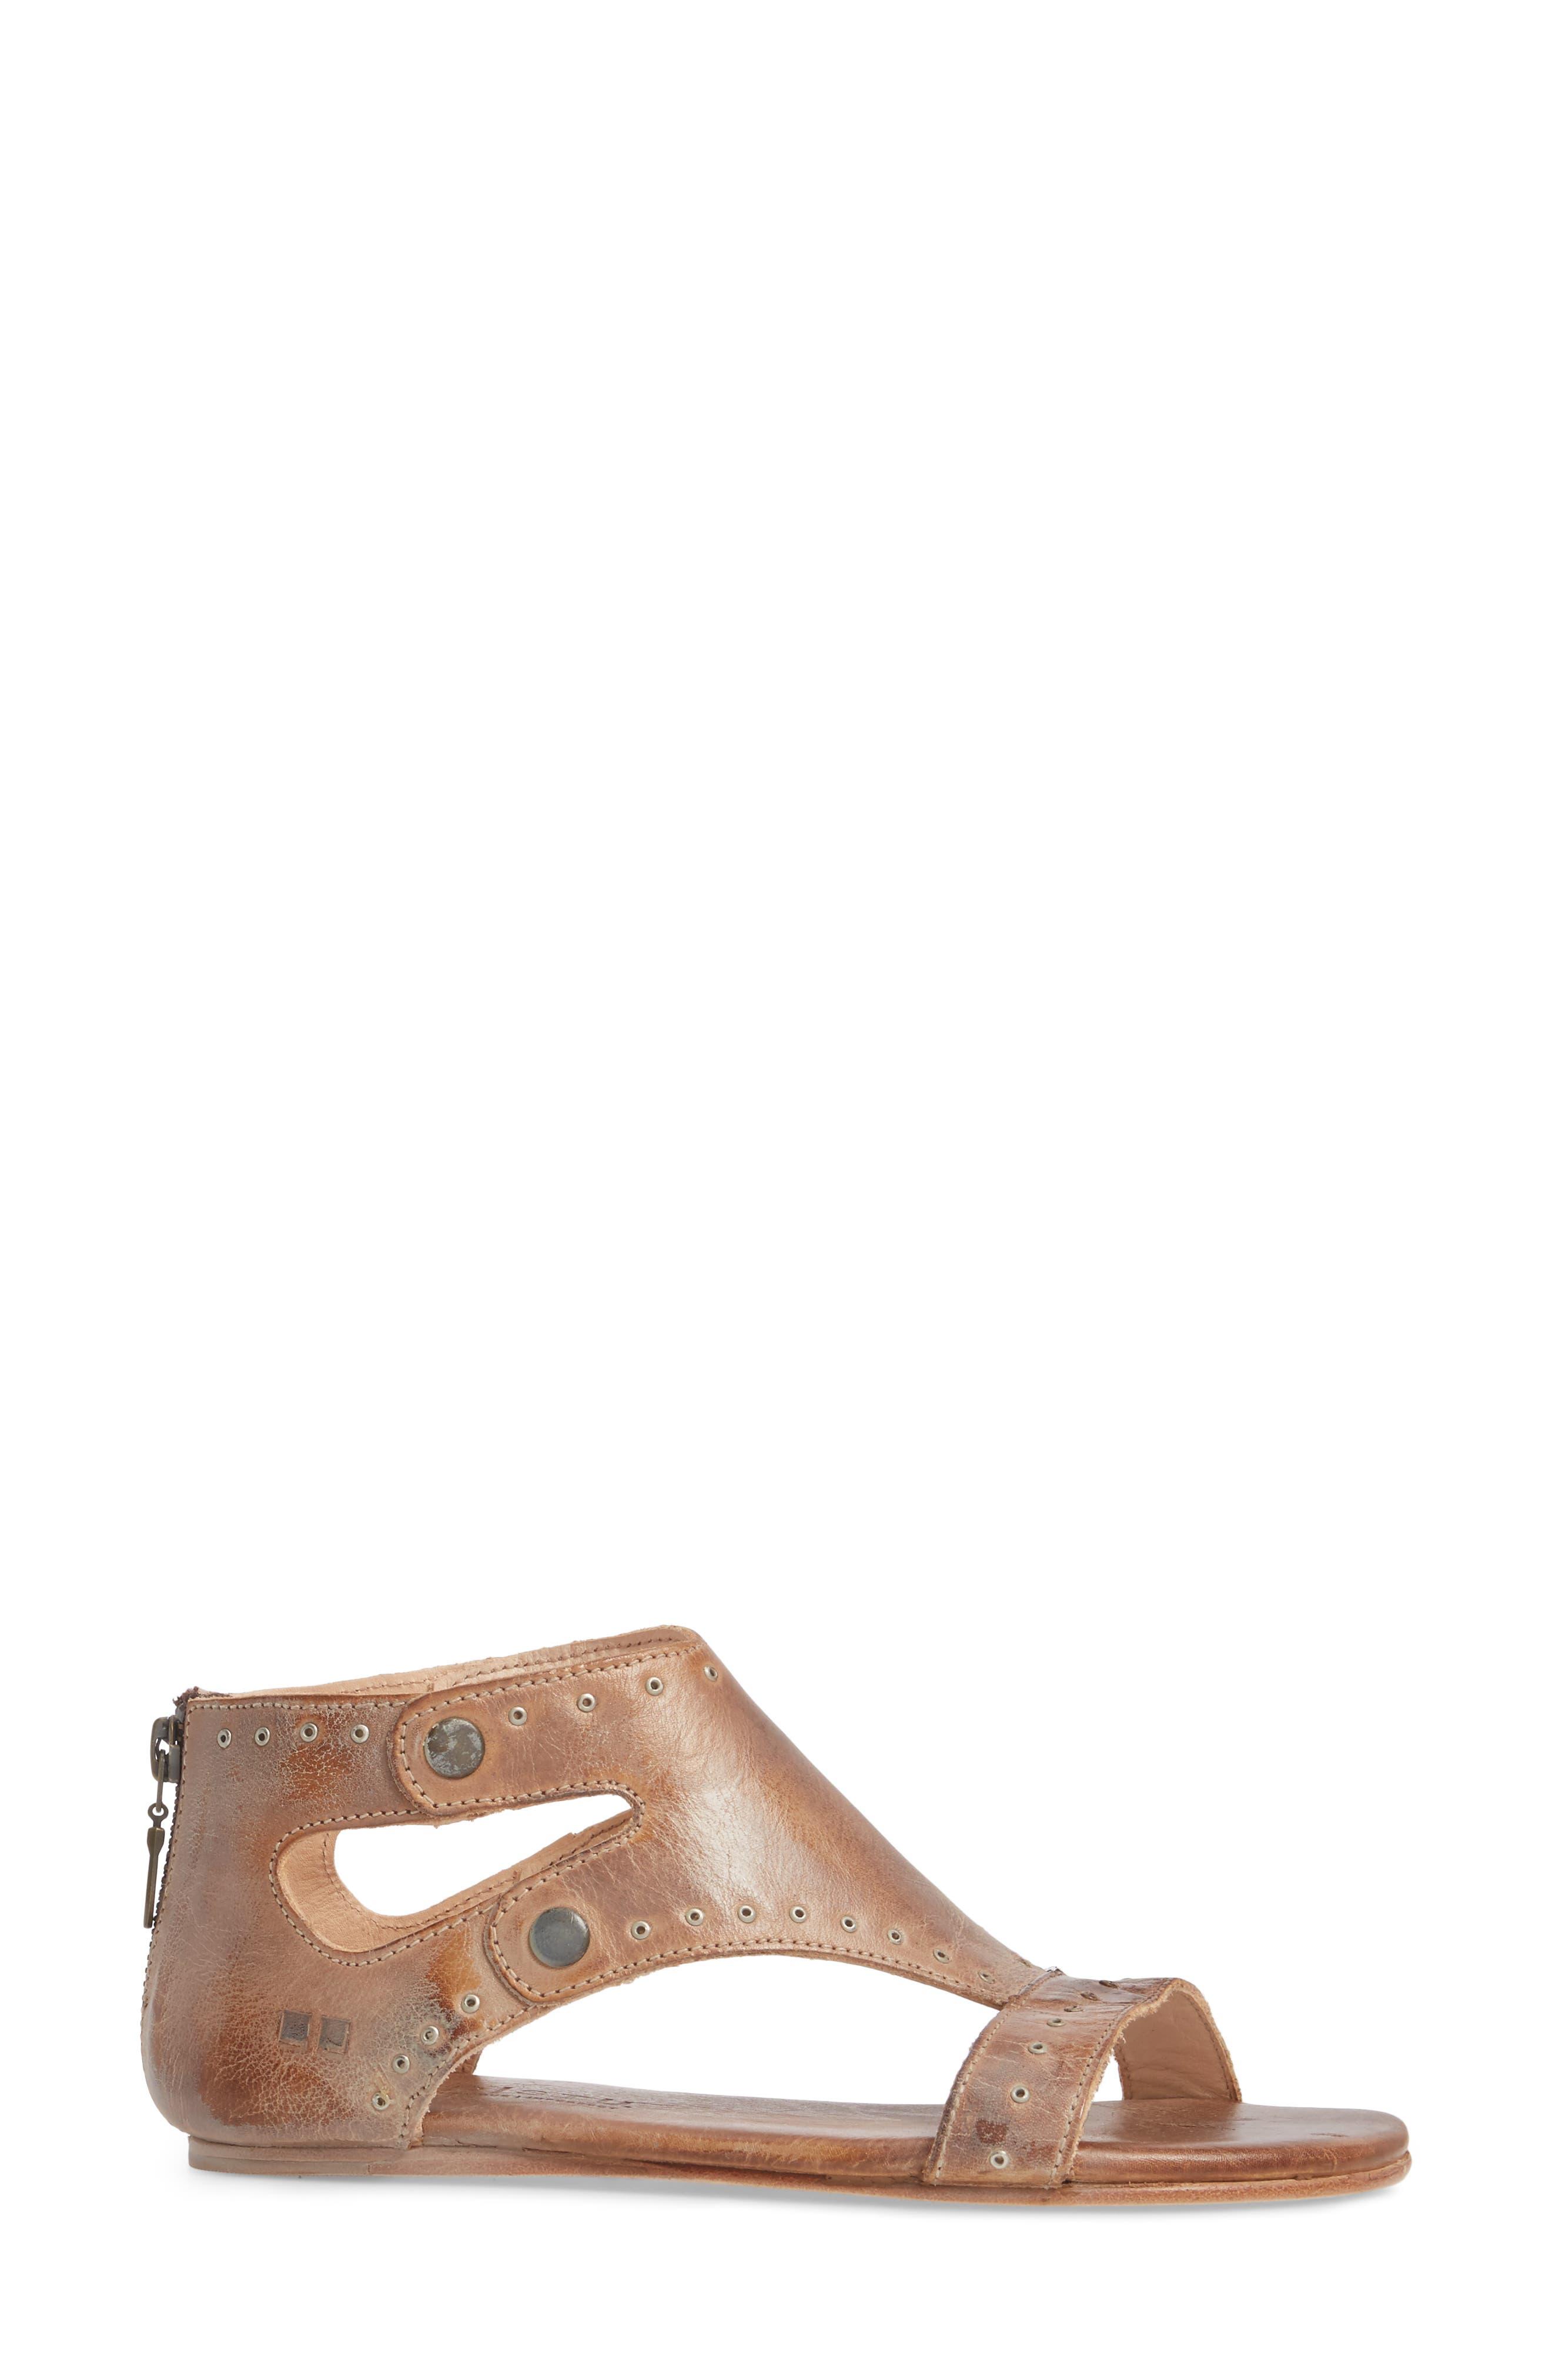 Soto G V-Strap Sandal,                             Alternate thumbnail 3, color,                             Tan Mason Leather